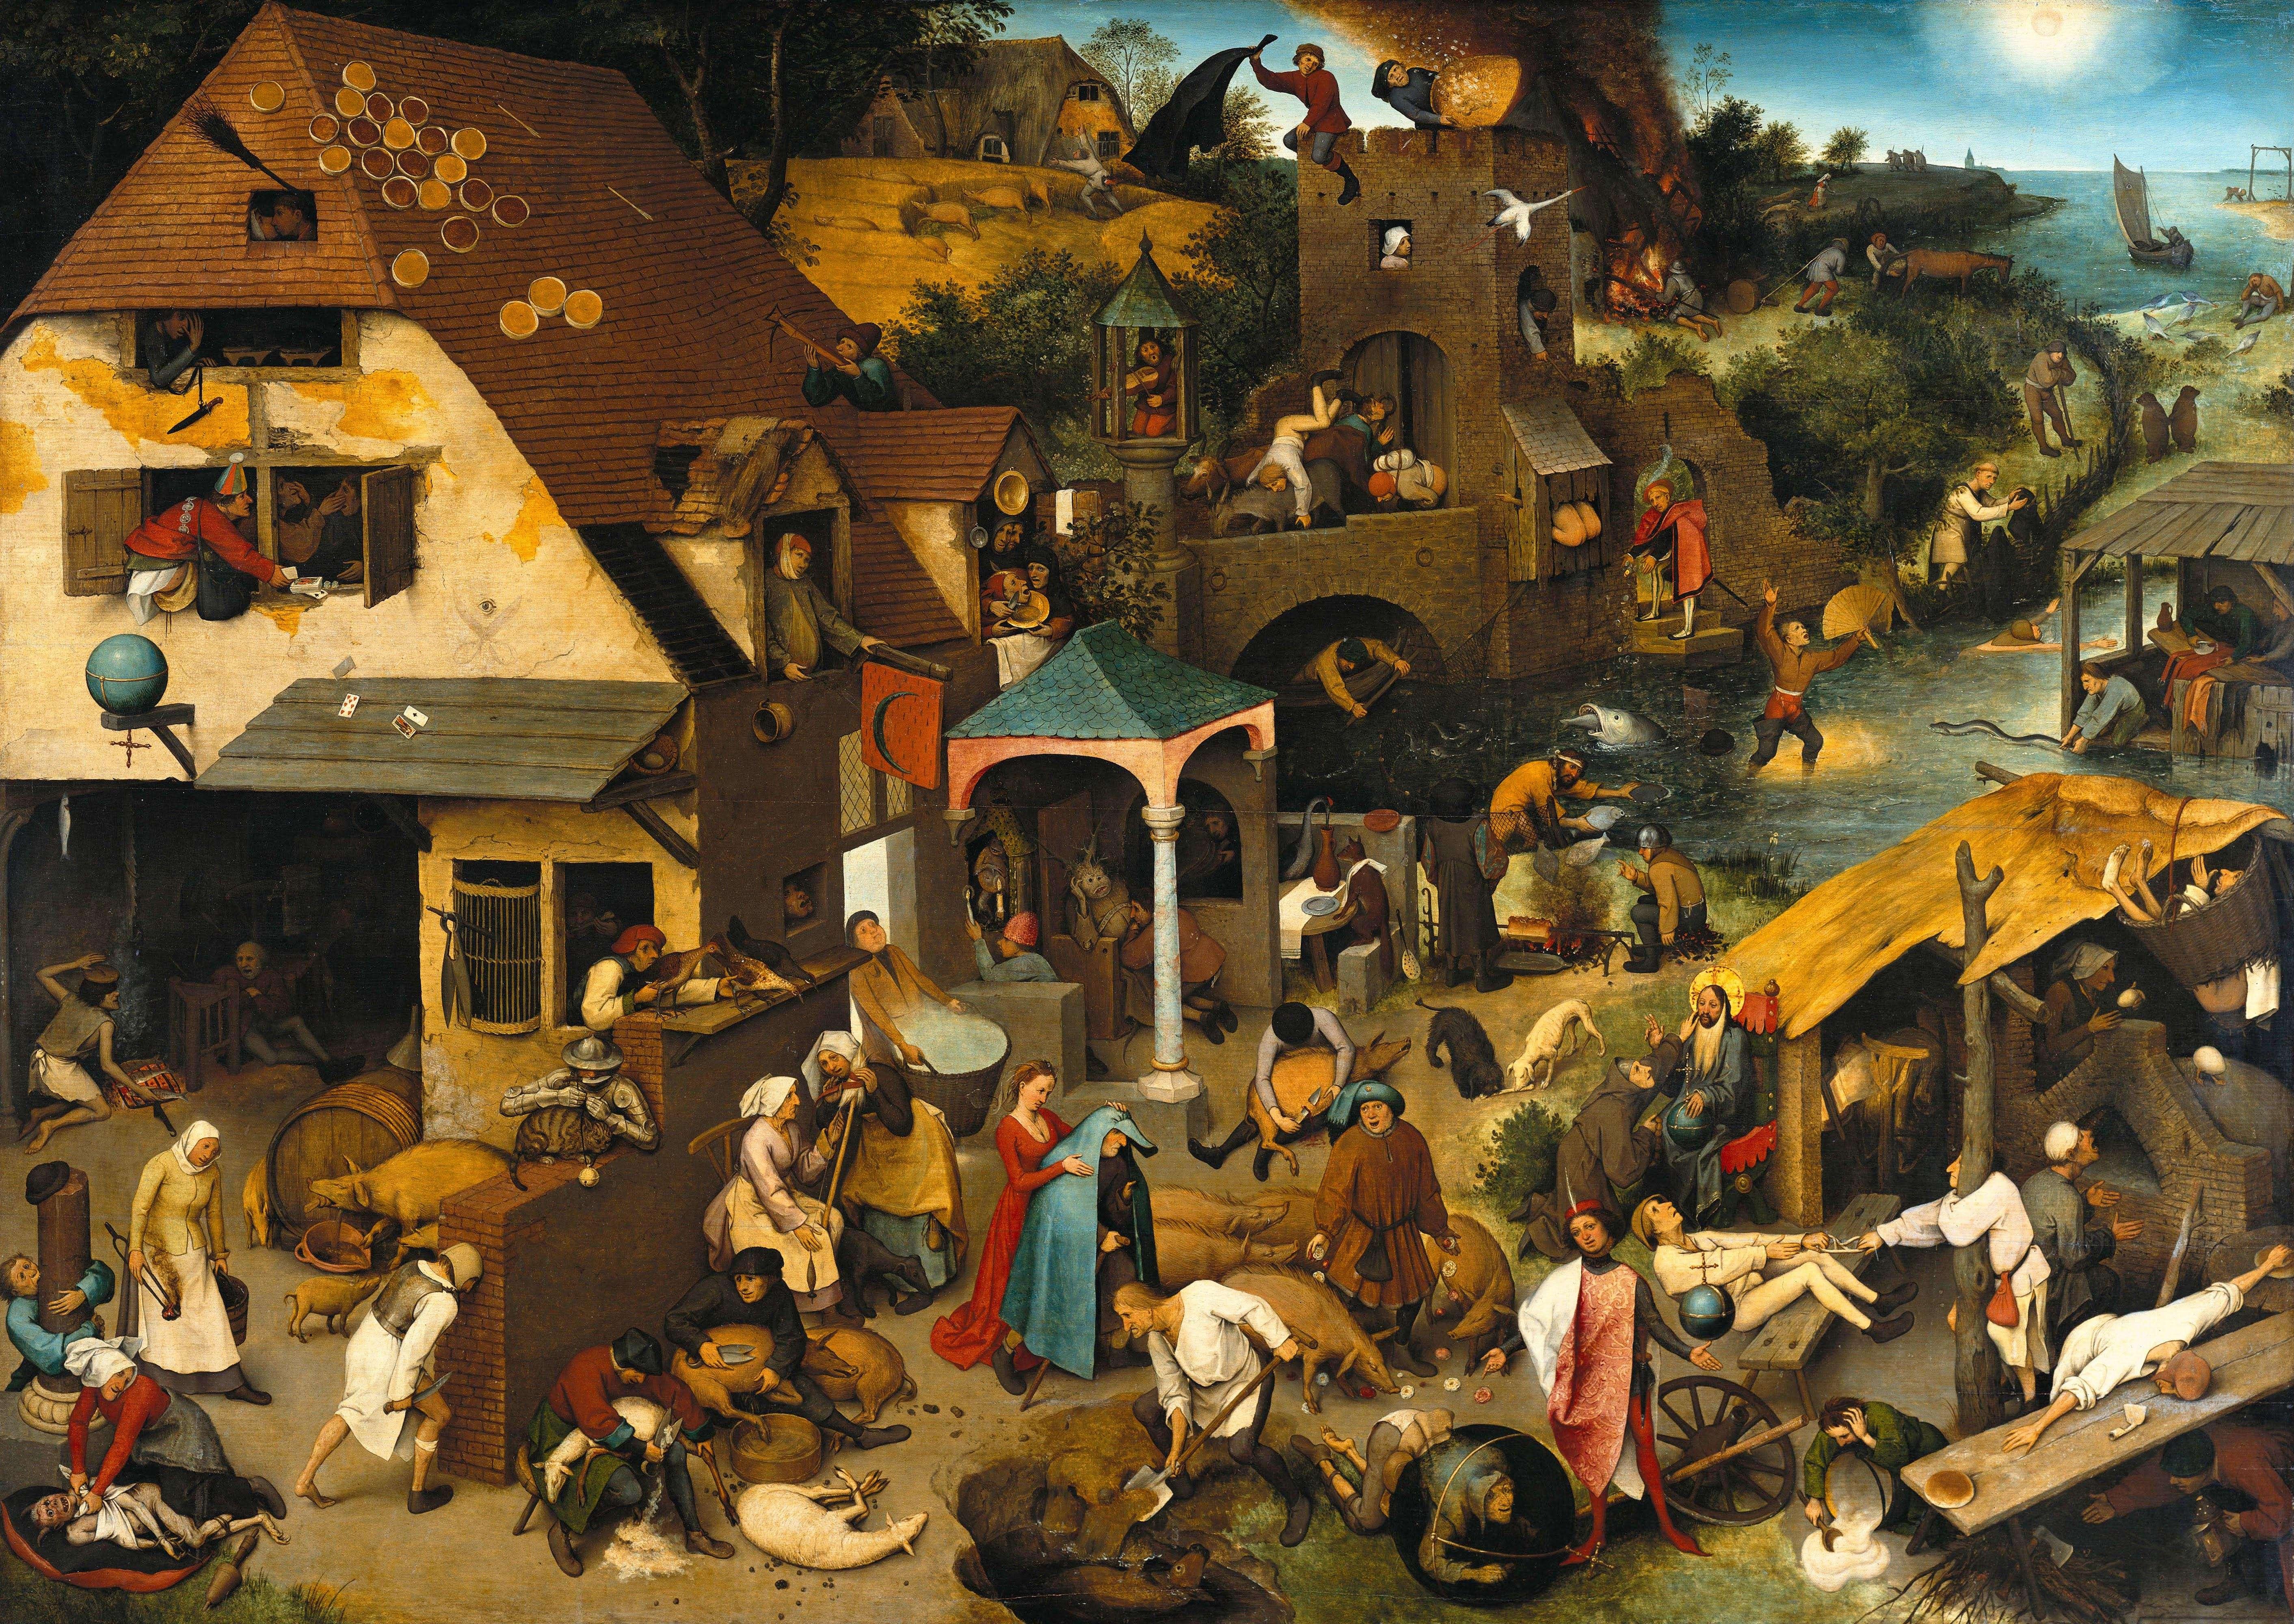 «Παροιμίες» Πίτερ Μπρίγκελ ή Μπρέγκελ ο πρεσβύτερος (φλαμανδικά: Pieter Bruegel, περ. 1525-1530 - Βρυξέλλες, 1569)